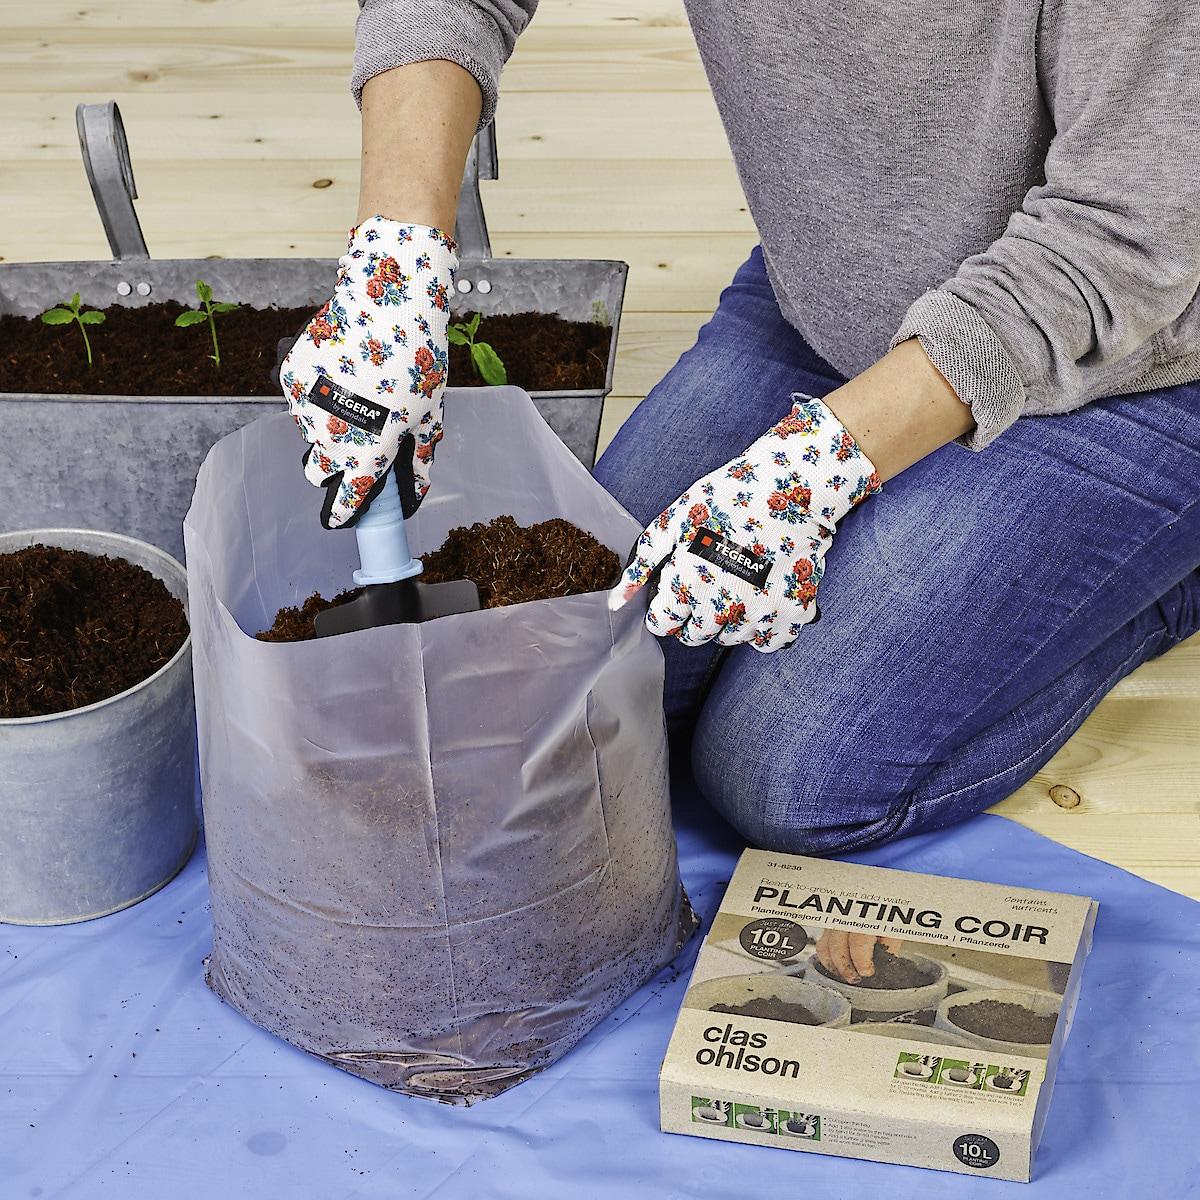 Torvfri planteringsjord